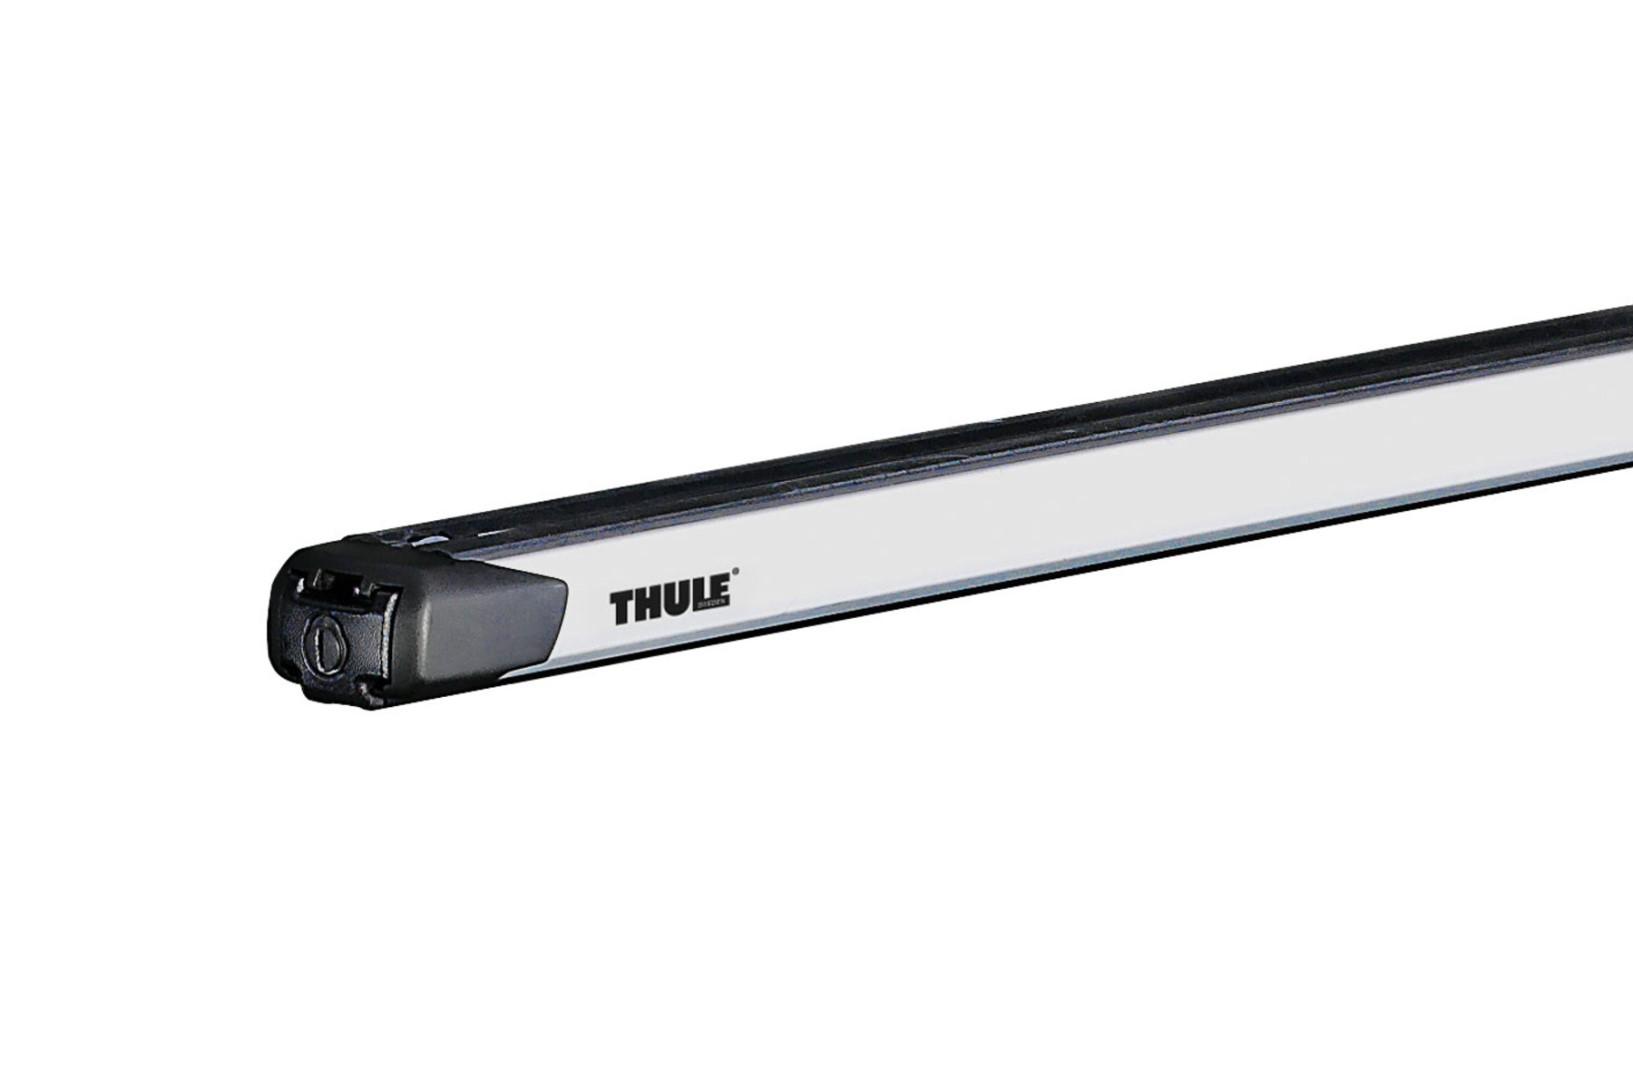 Střešní nosič THULE pro LEXUS RX-Series, 5-dr SUV s ...